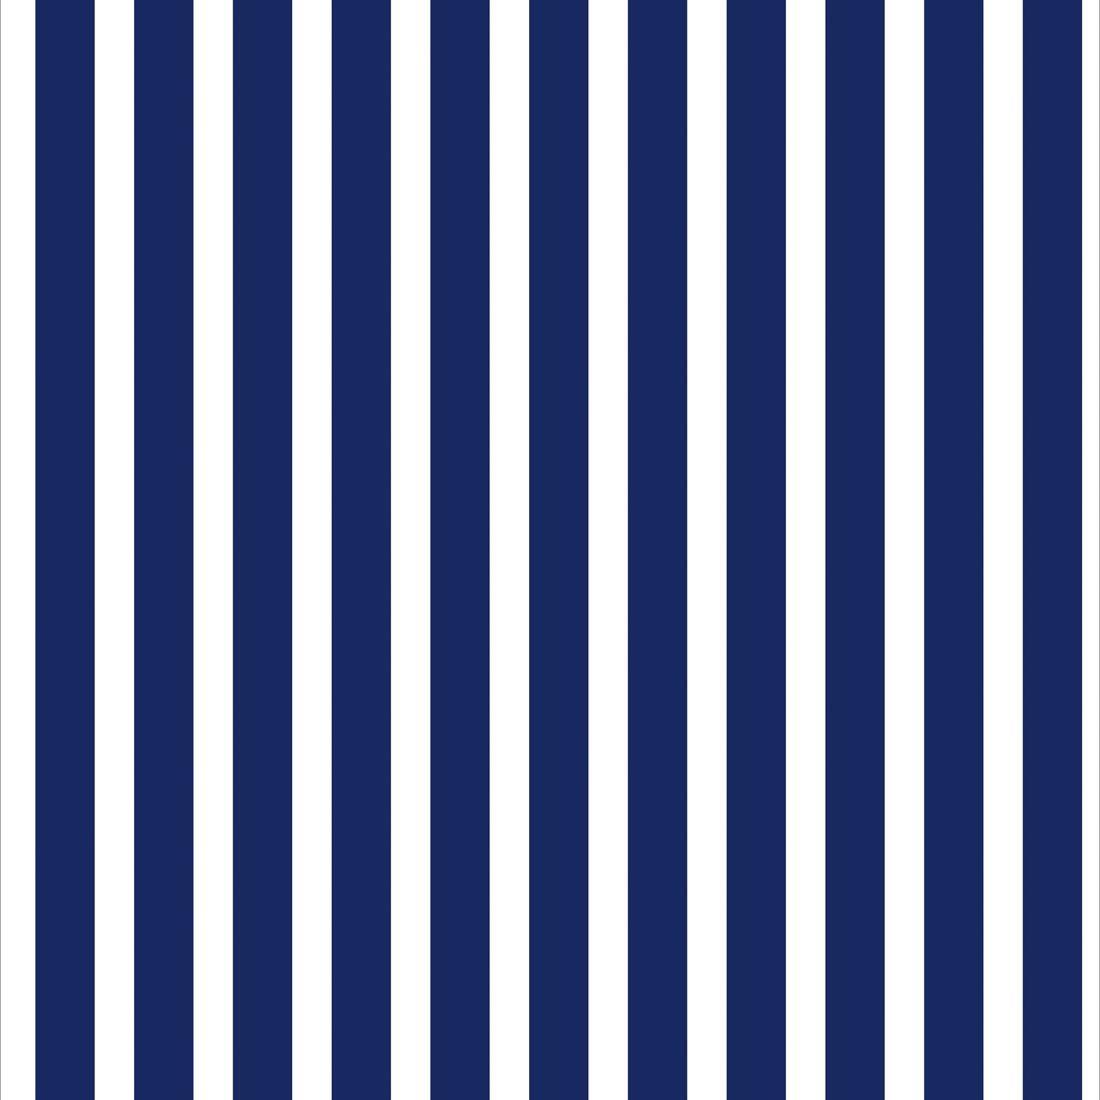 a3d3f5df5c38c Papel de Parede Listrado em Azul Marinho Sobre Branco - Papel de Parede  Digital